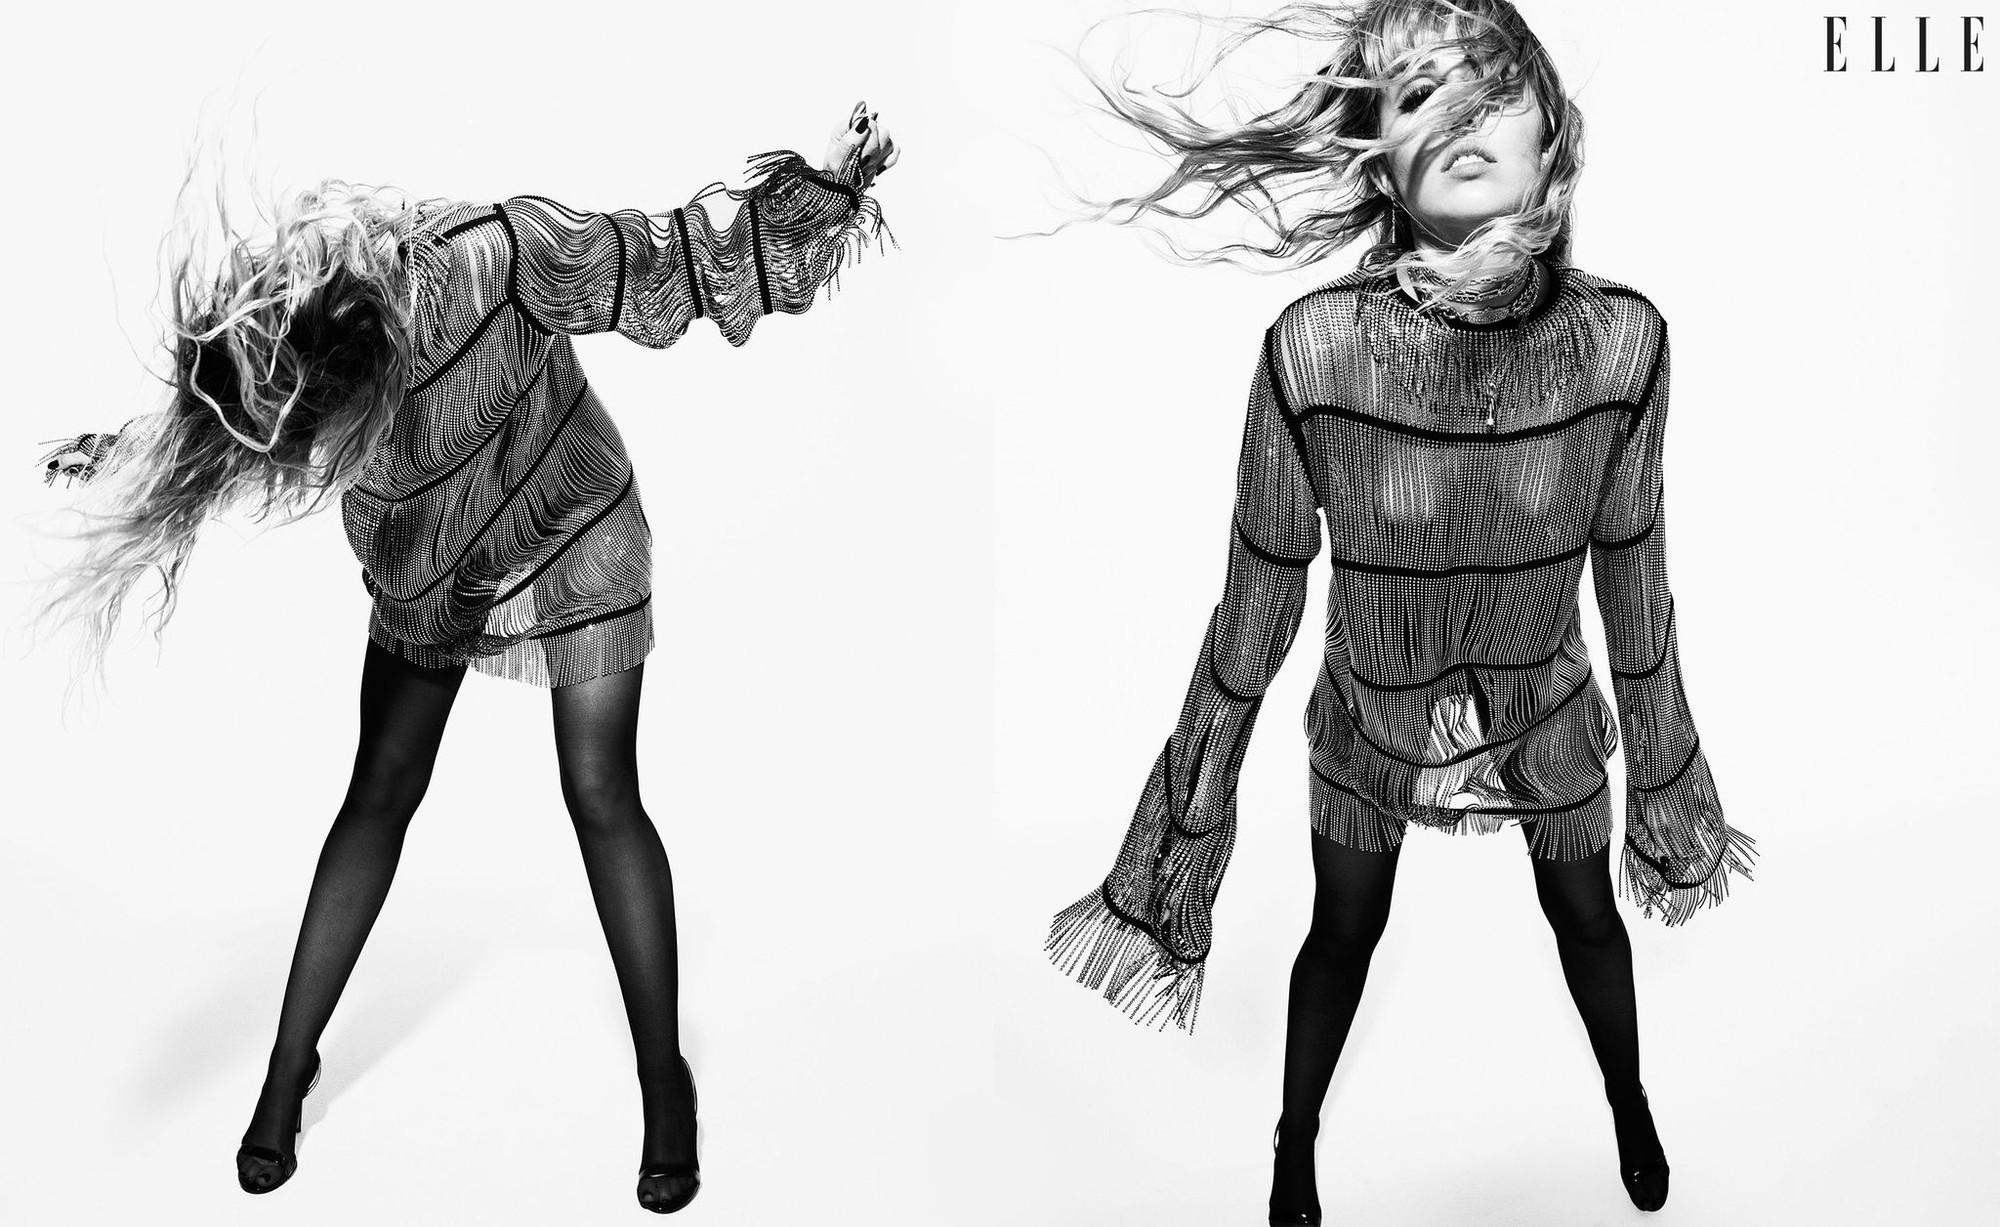 Loạt ảnh trên tạp chí Elle của Miley Cyrus gây bão mạnh: Thần thái đỉnh miễn bàn cũng không hút mắt bằng body đỉnh cao - Ảnh 7.